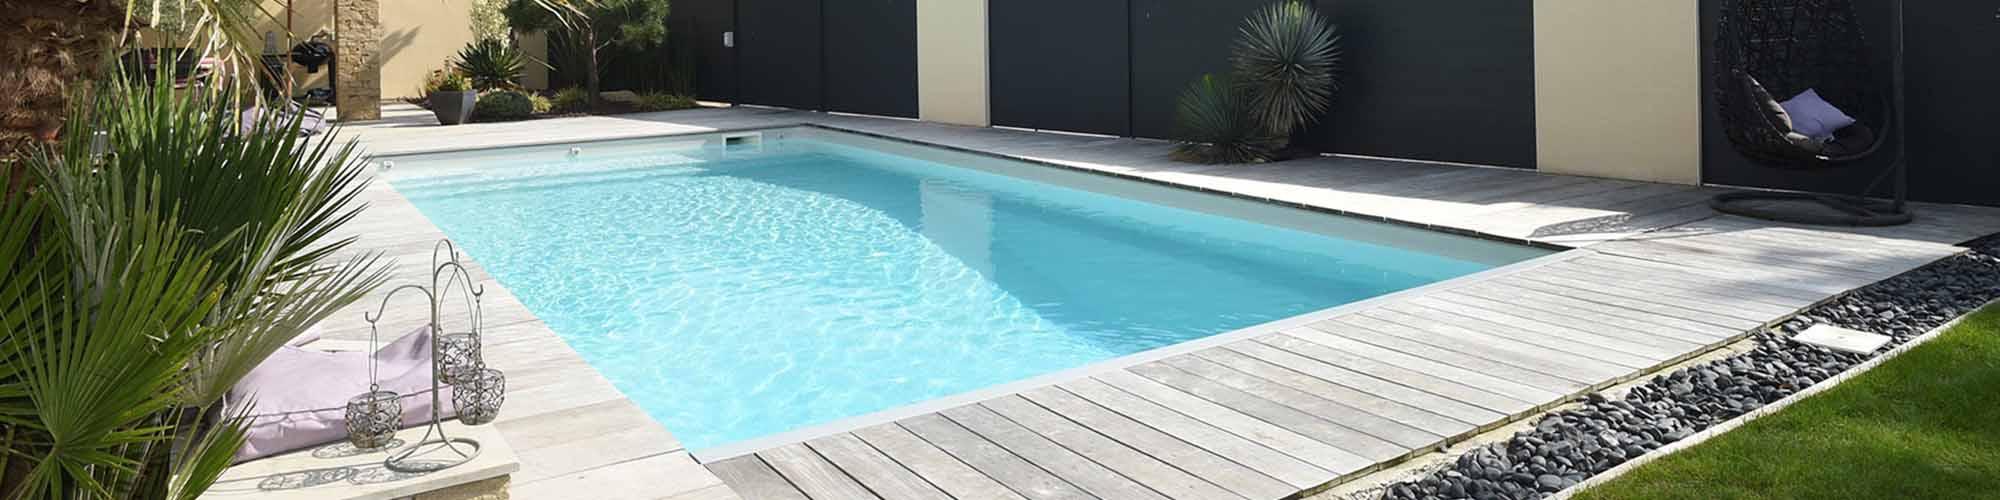 Piscine extérieure : quel modèle privilégier? - Conseil-piscine.fr